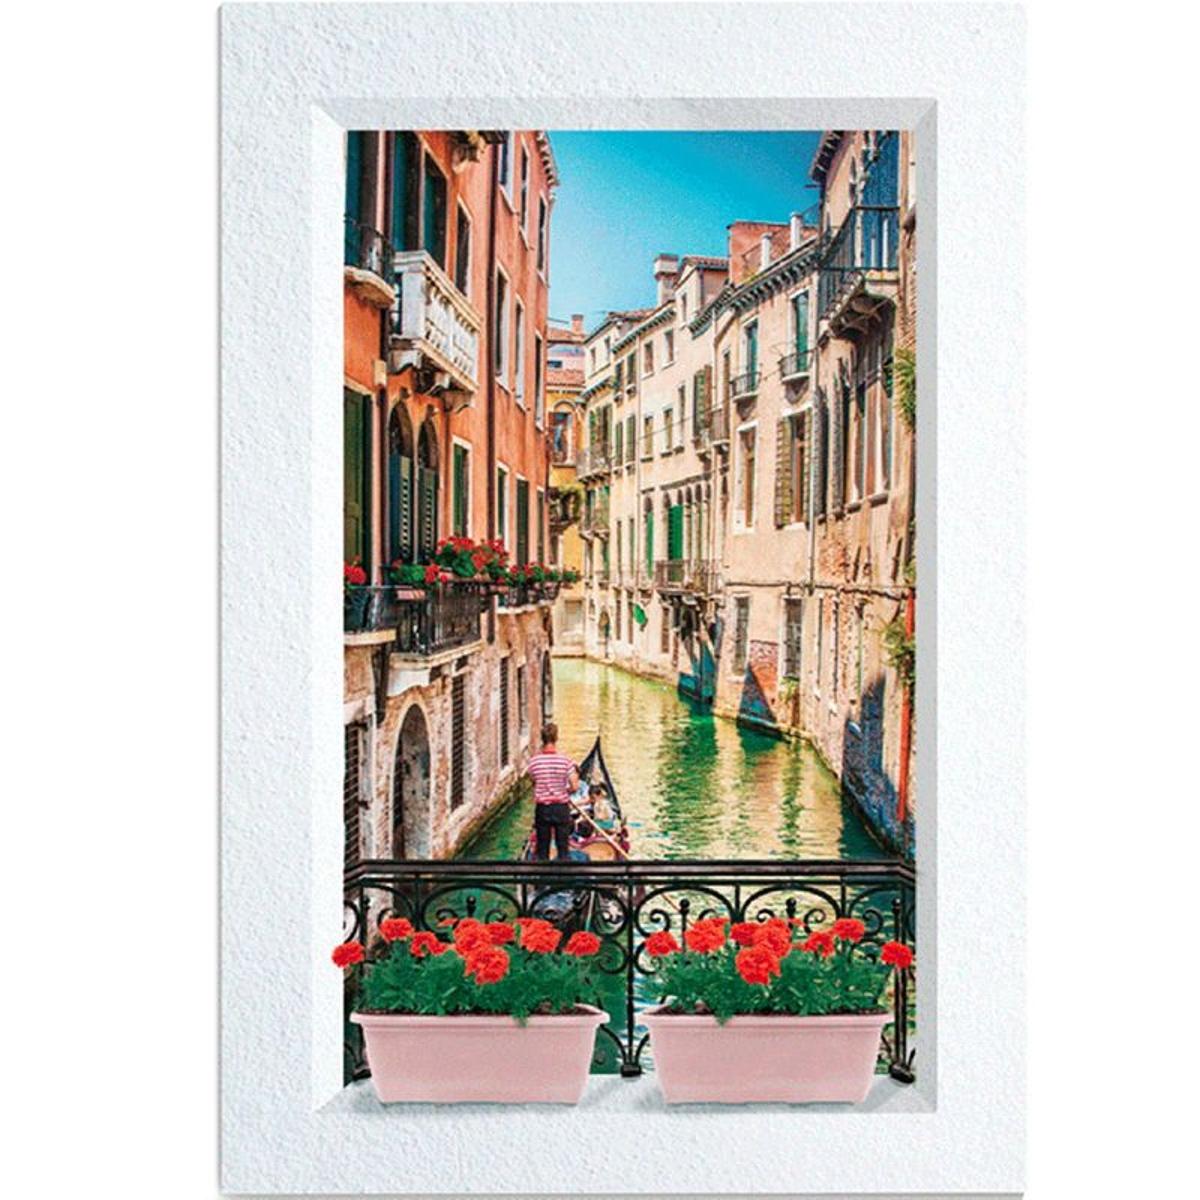 Autocollant Mural Venise